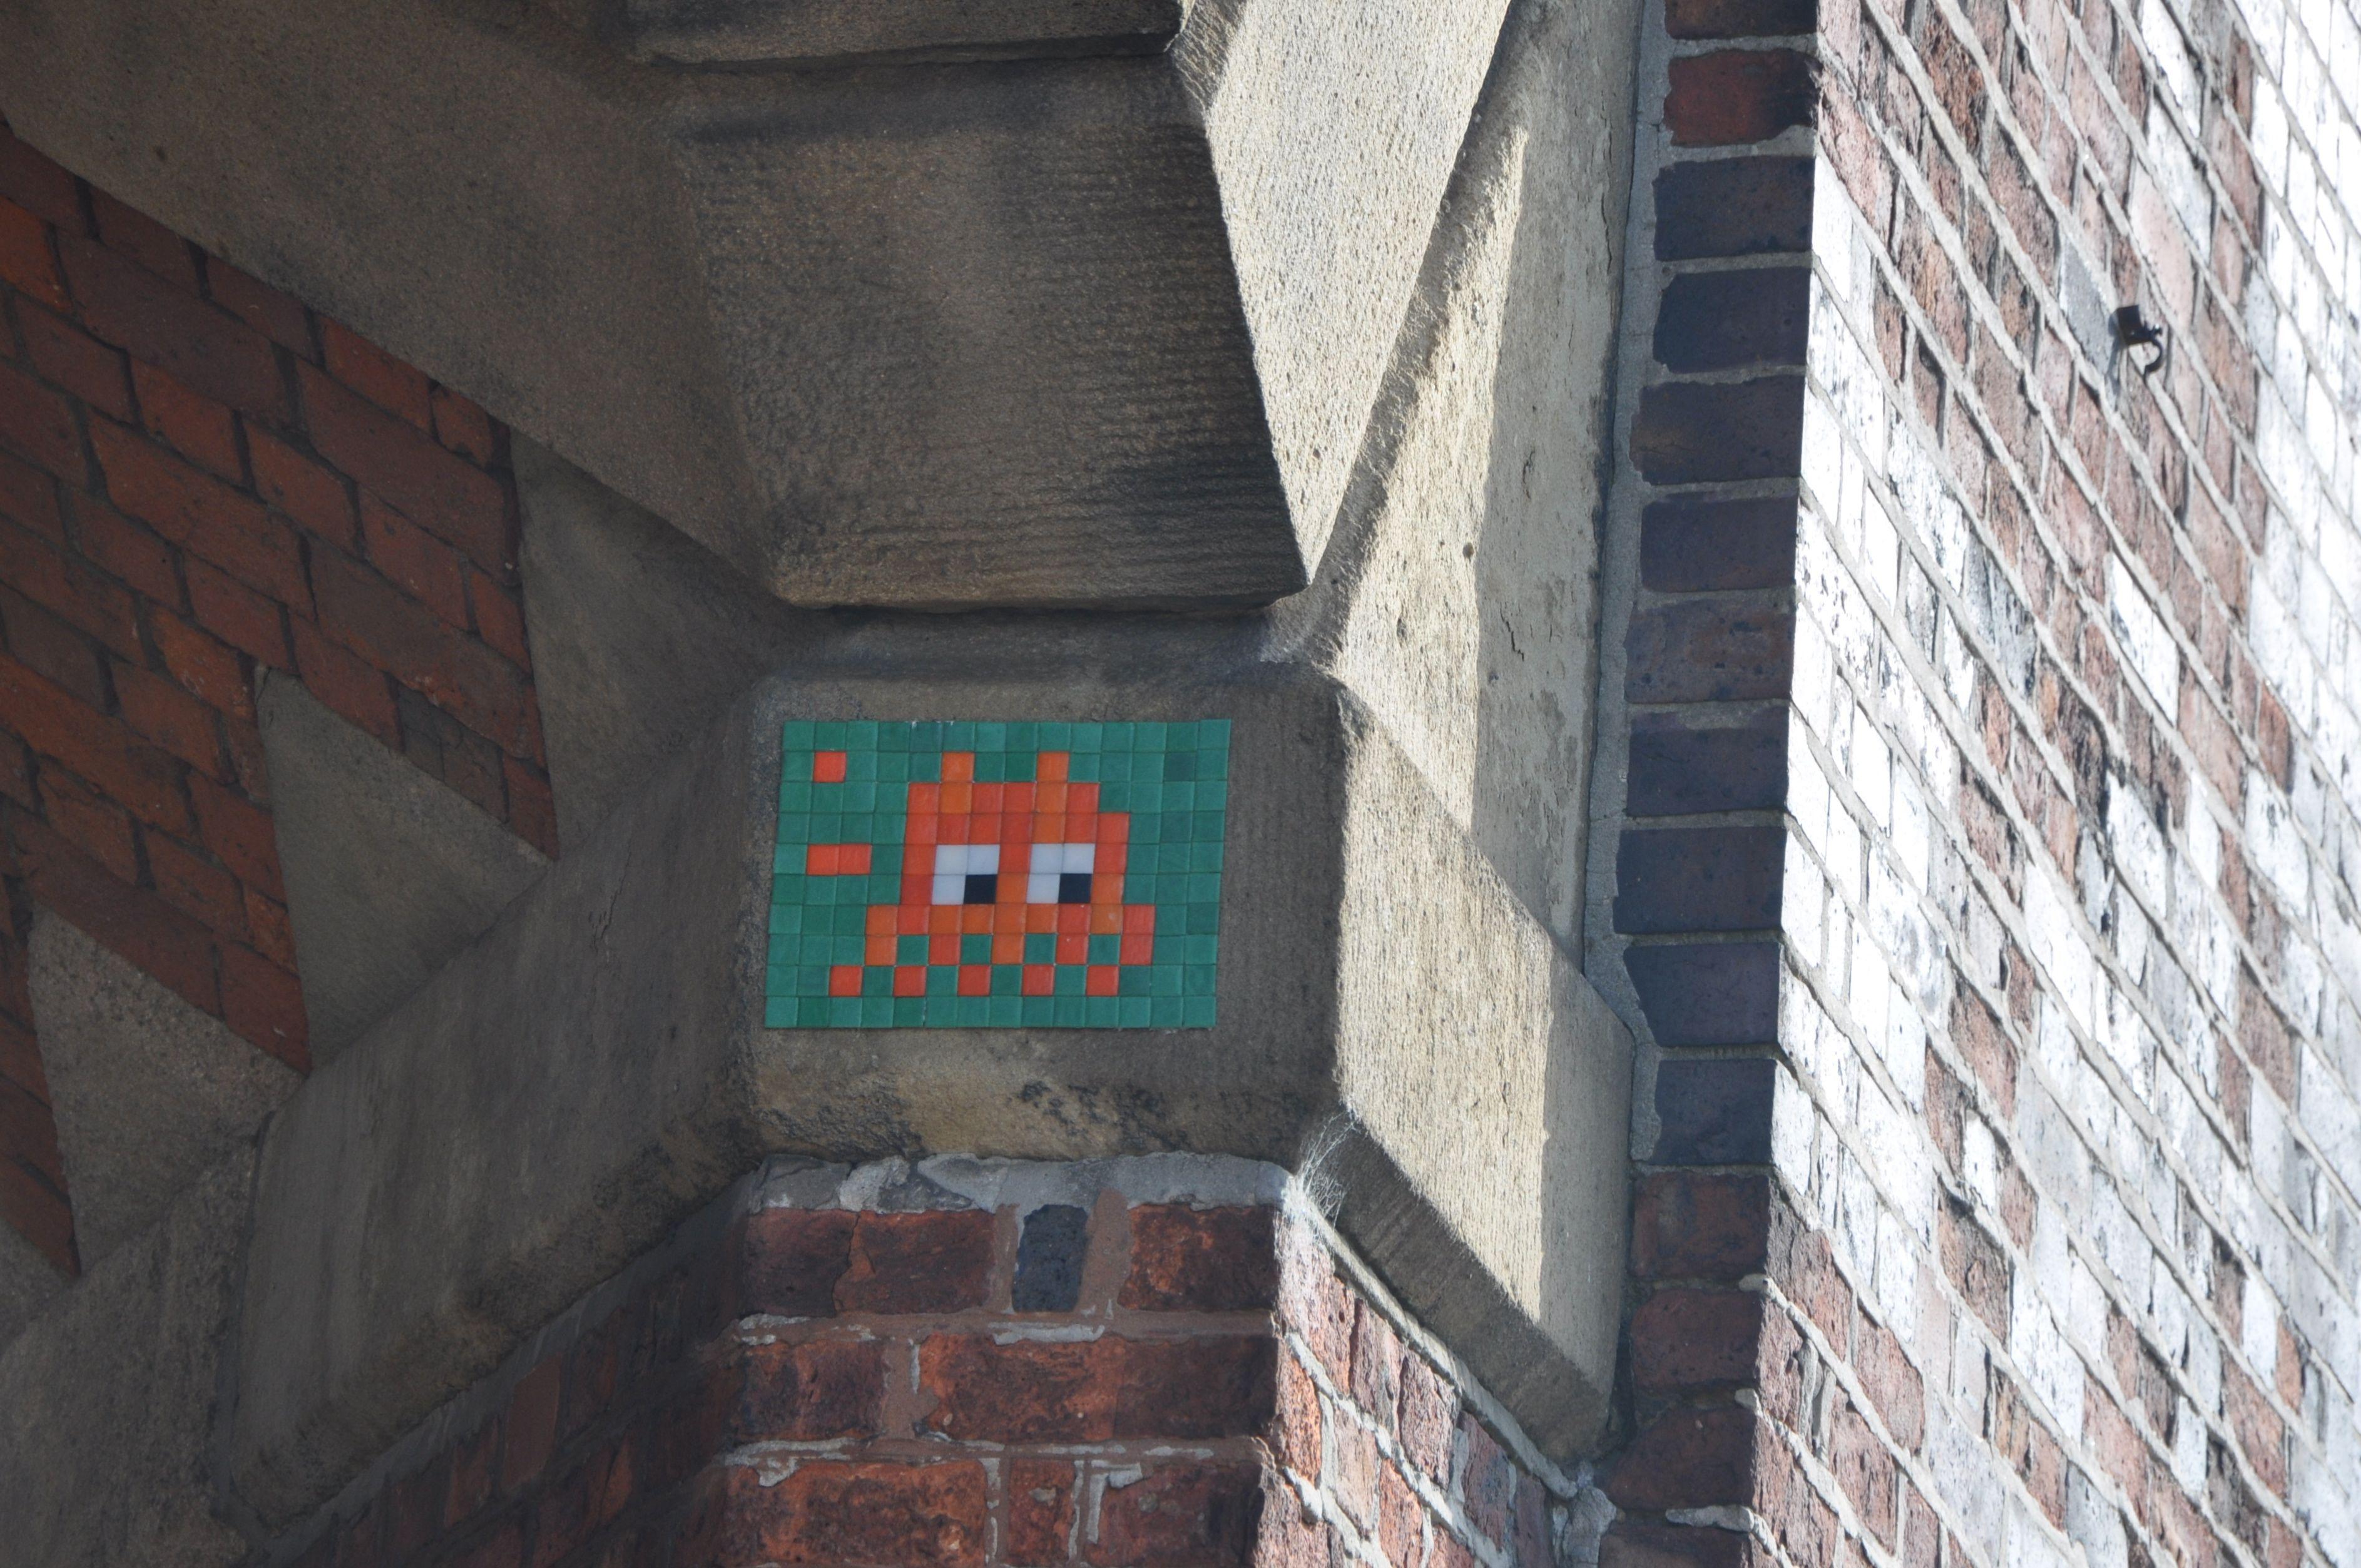 Invader, Manchester